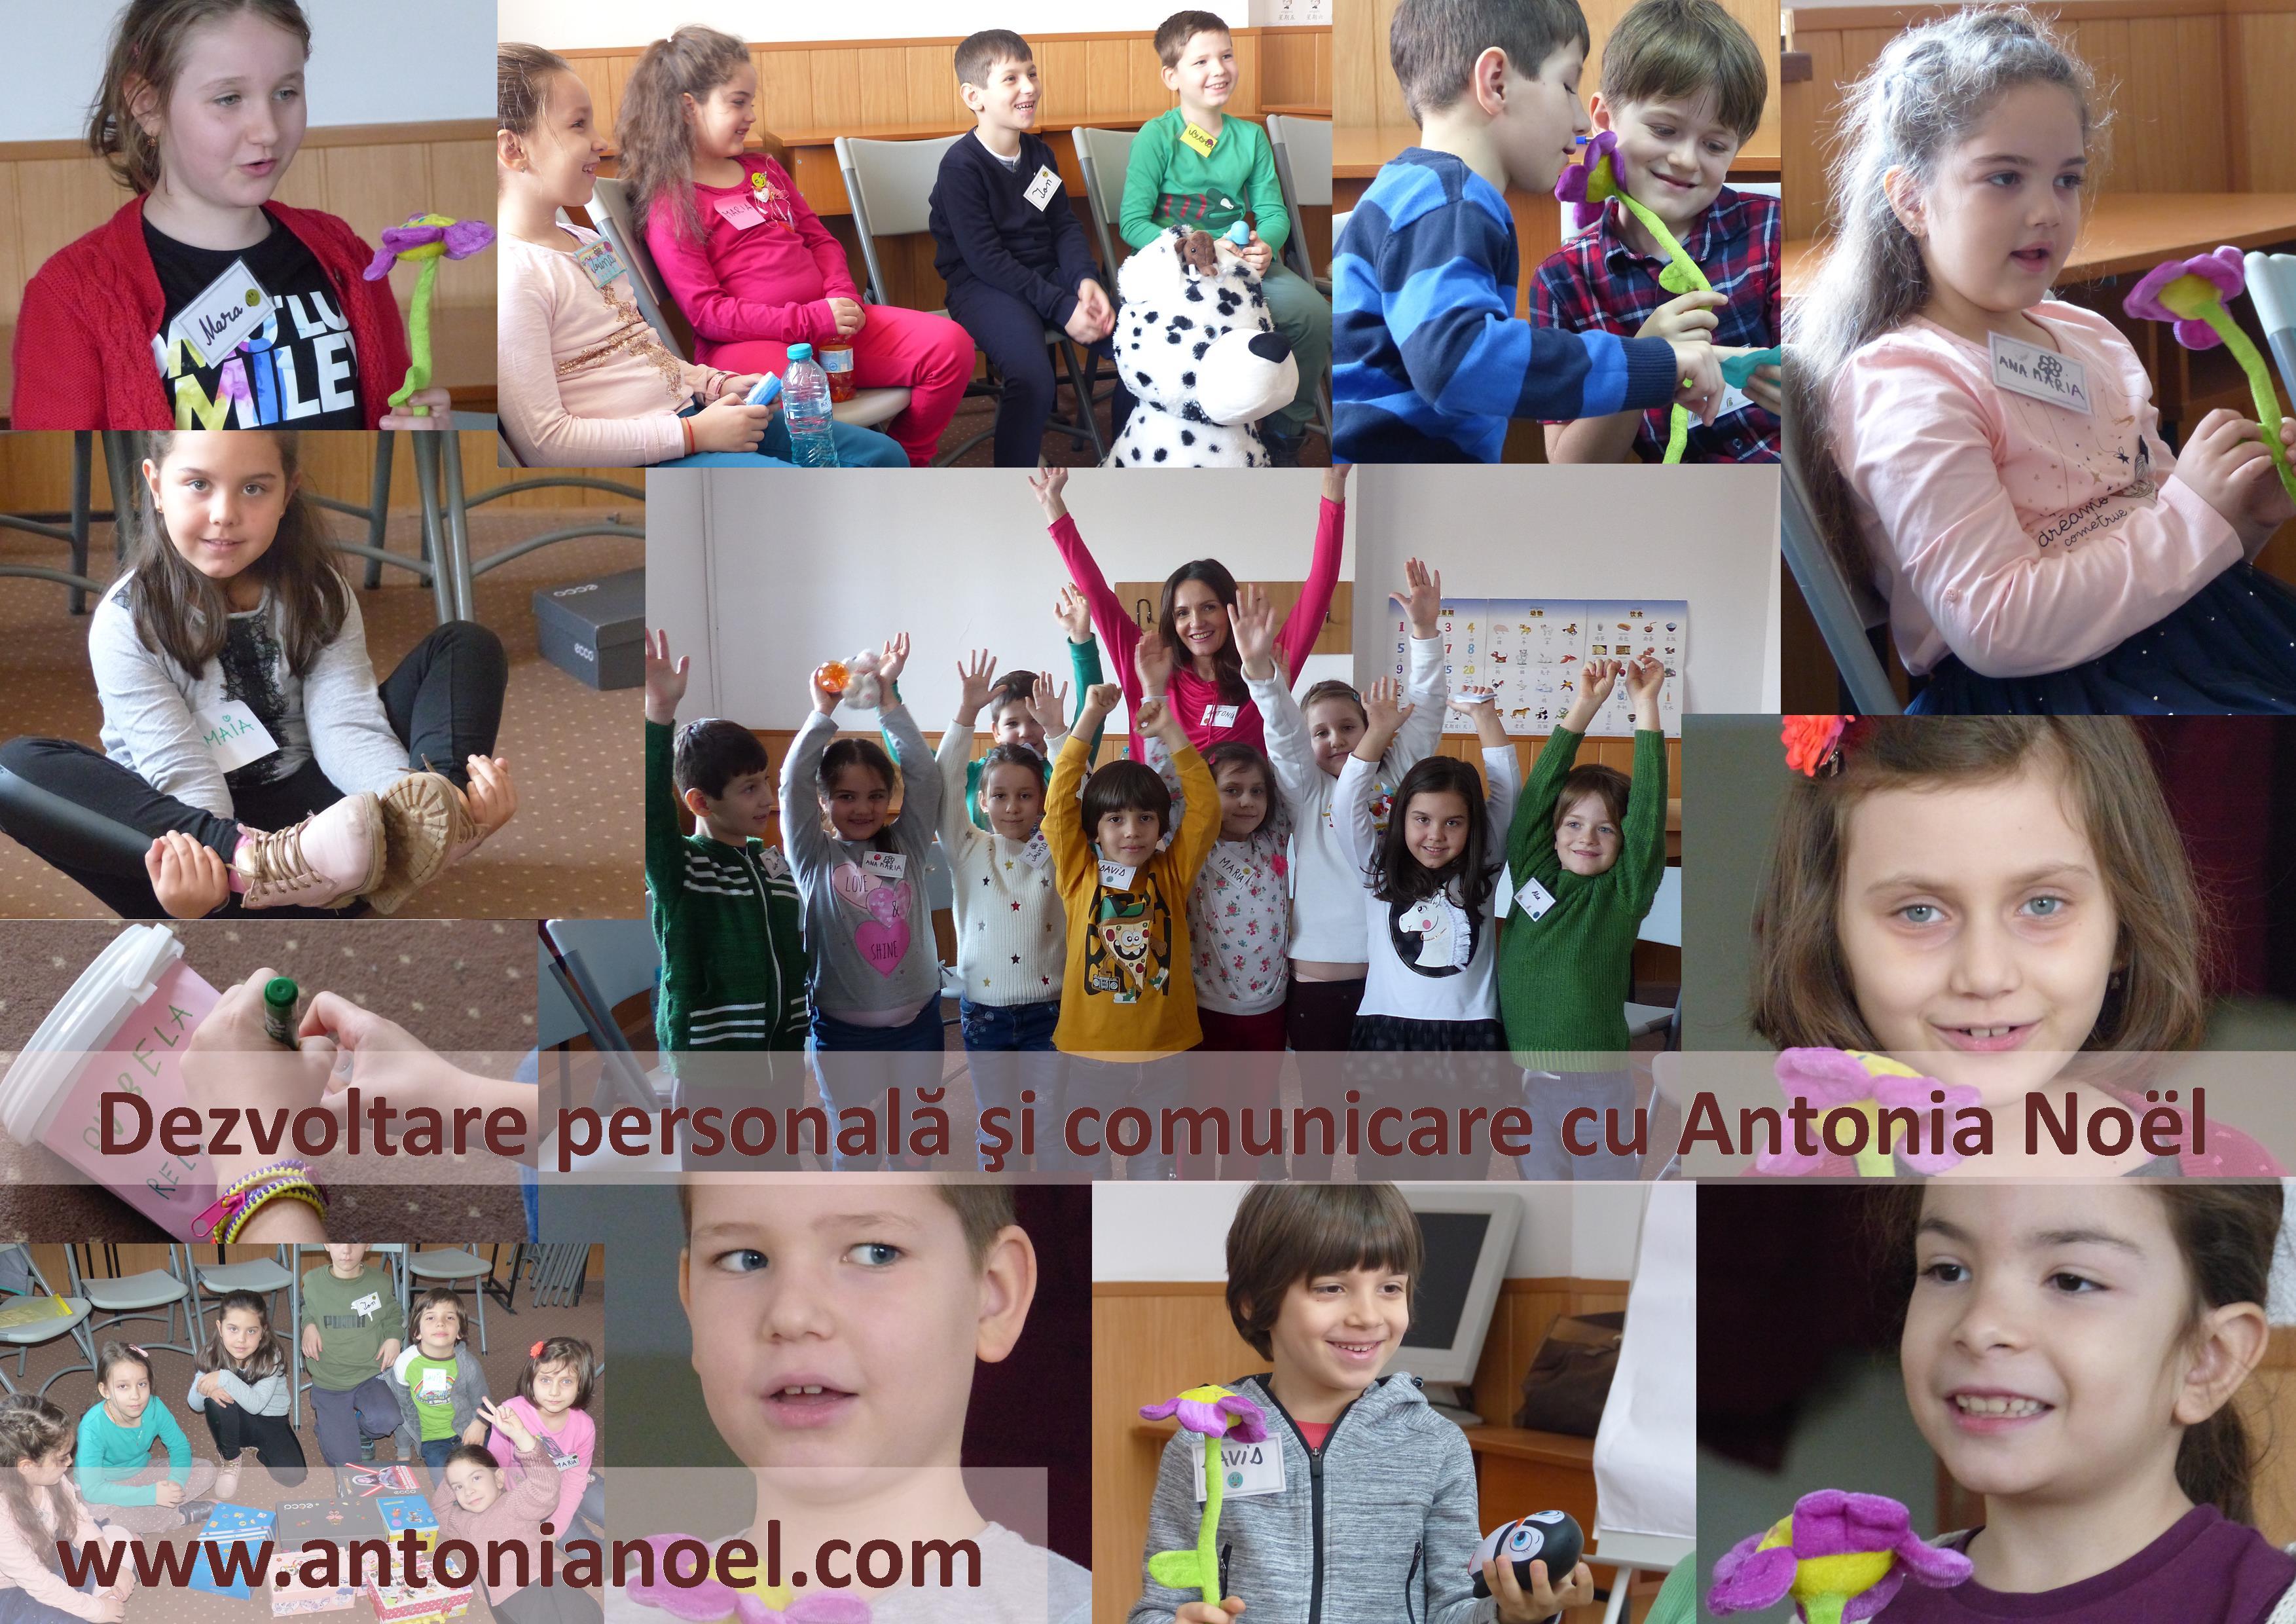 ANTONIA NOEL dezvoltare personala copii